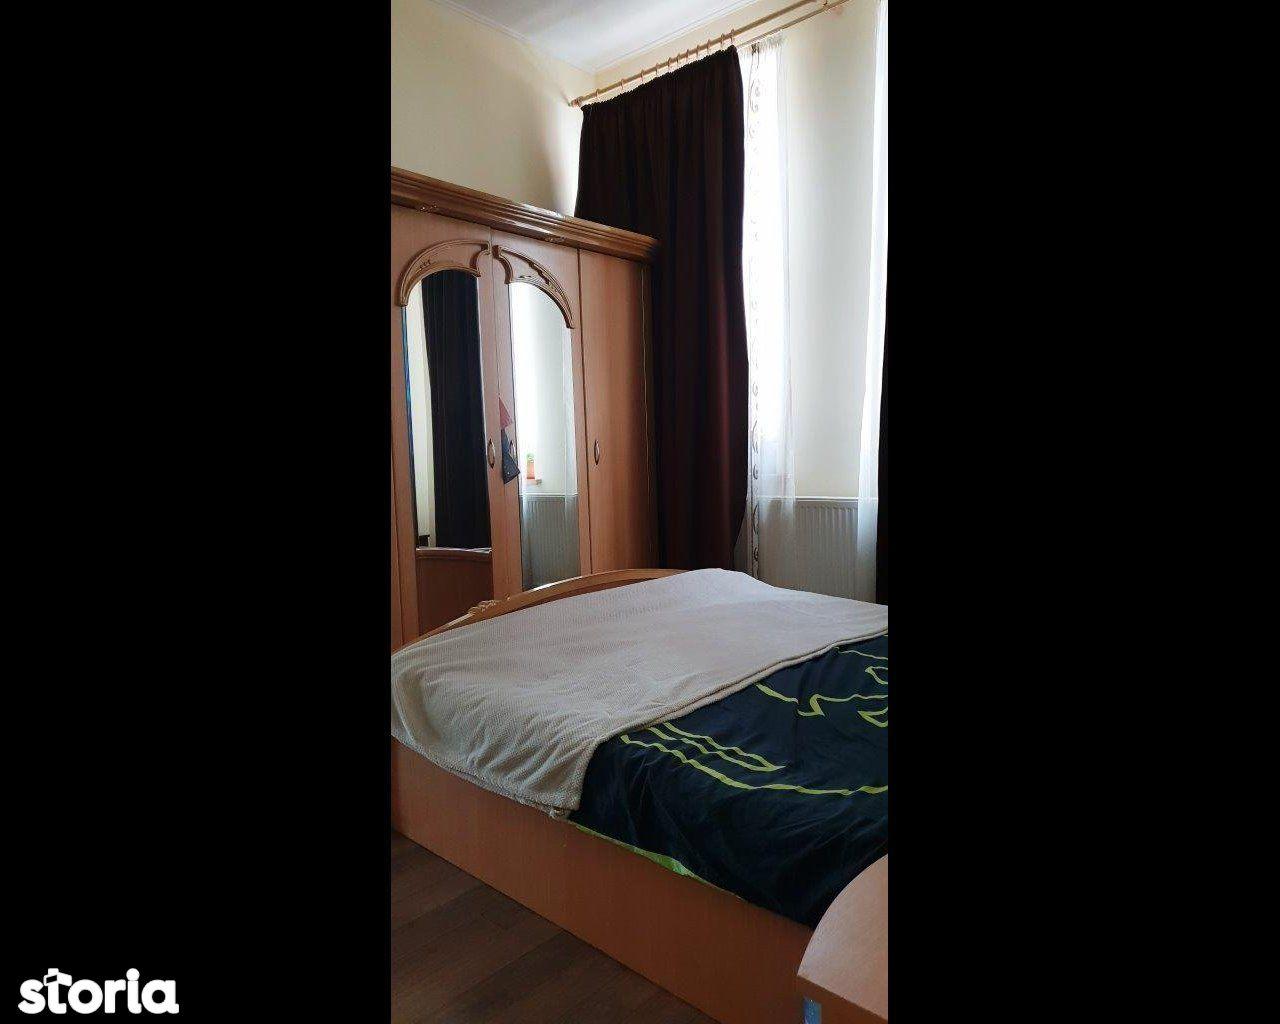 Apartament de vanzare, București (judet), Bulevardul Alexandru Ioan Cuza - Foto 6